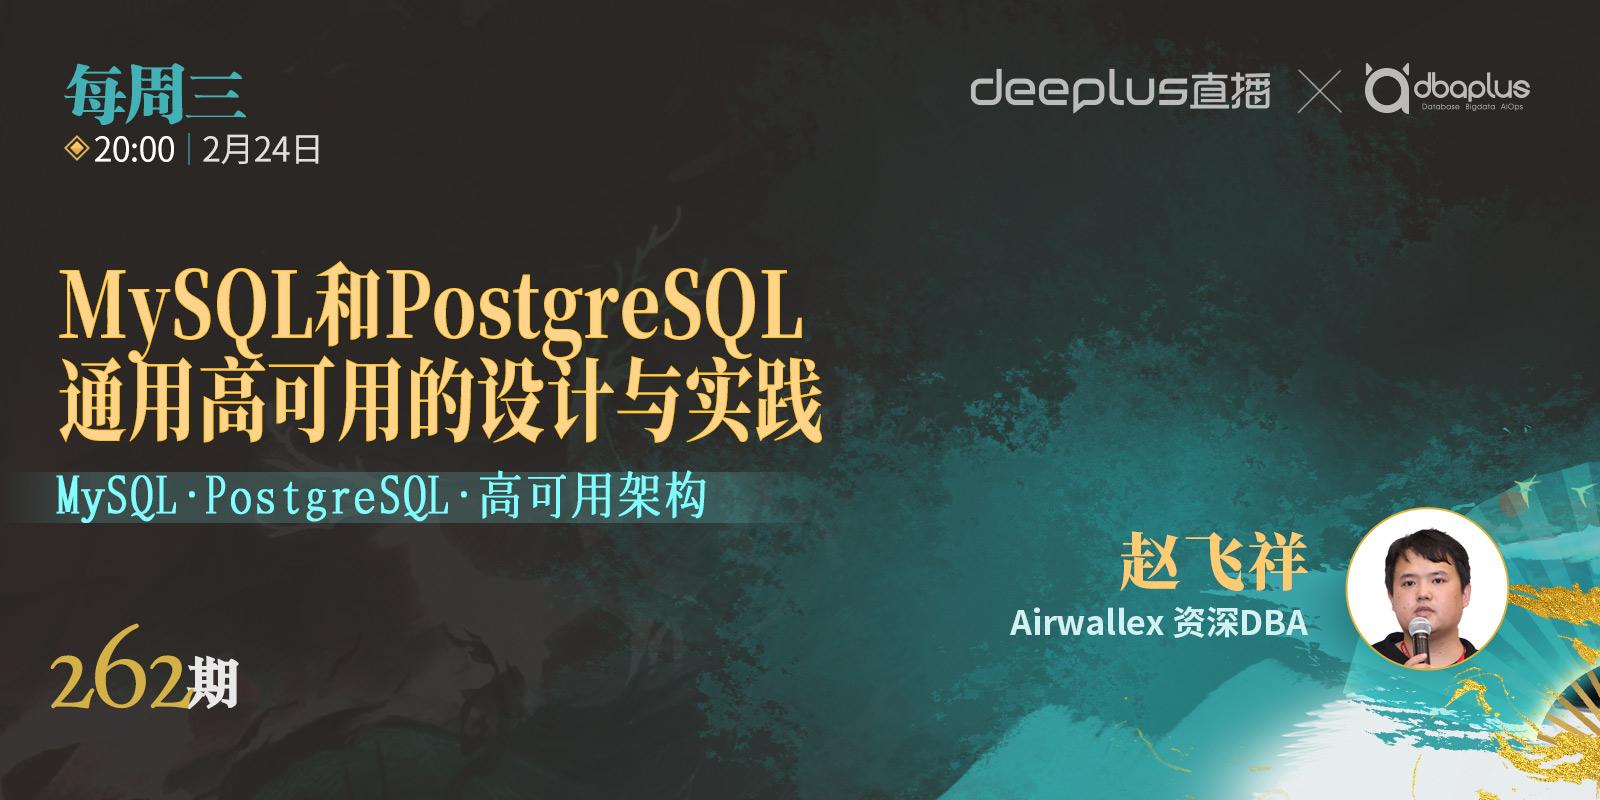 【dbaplus社群线上分享262期】MySQL和PostgreSQL通用高可用的设计与实践